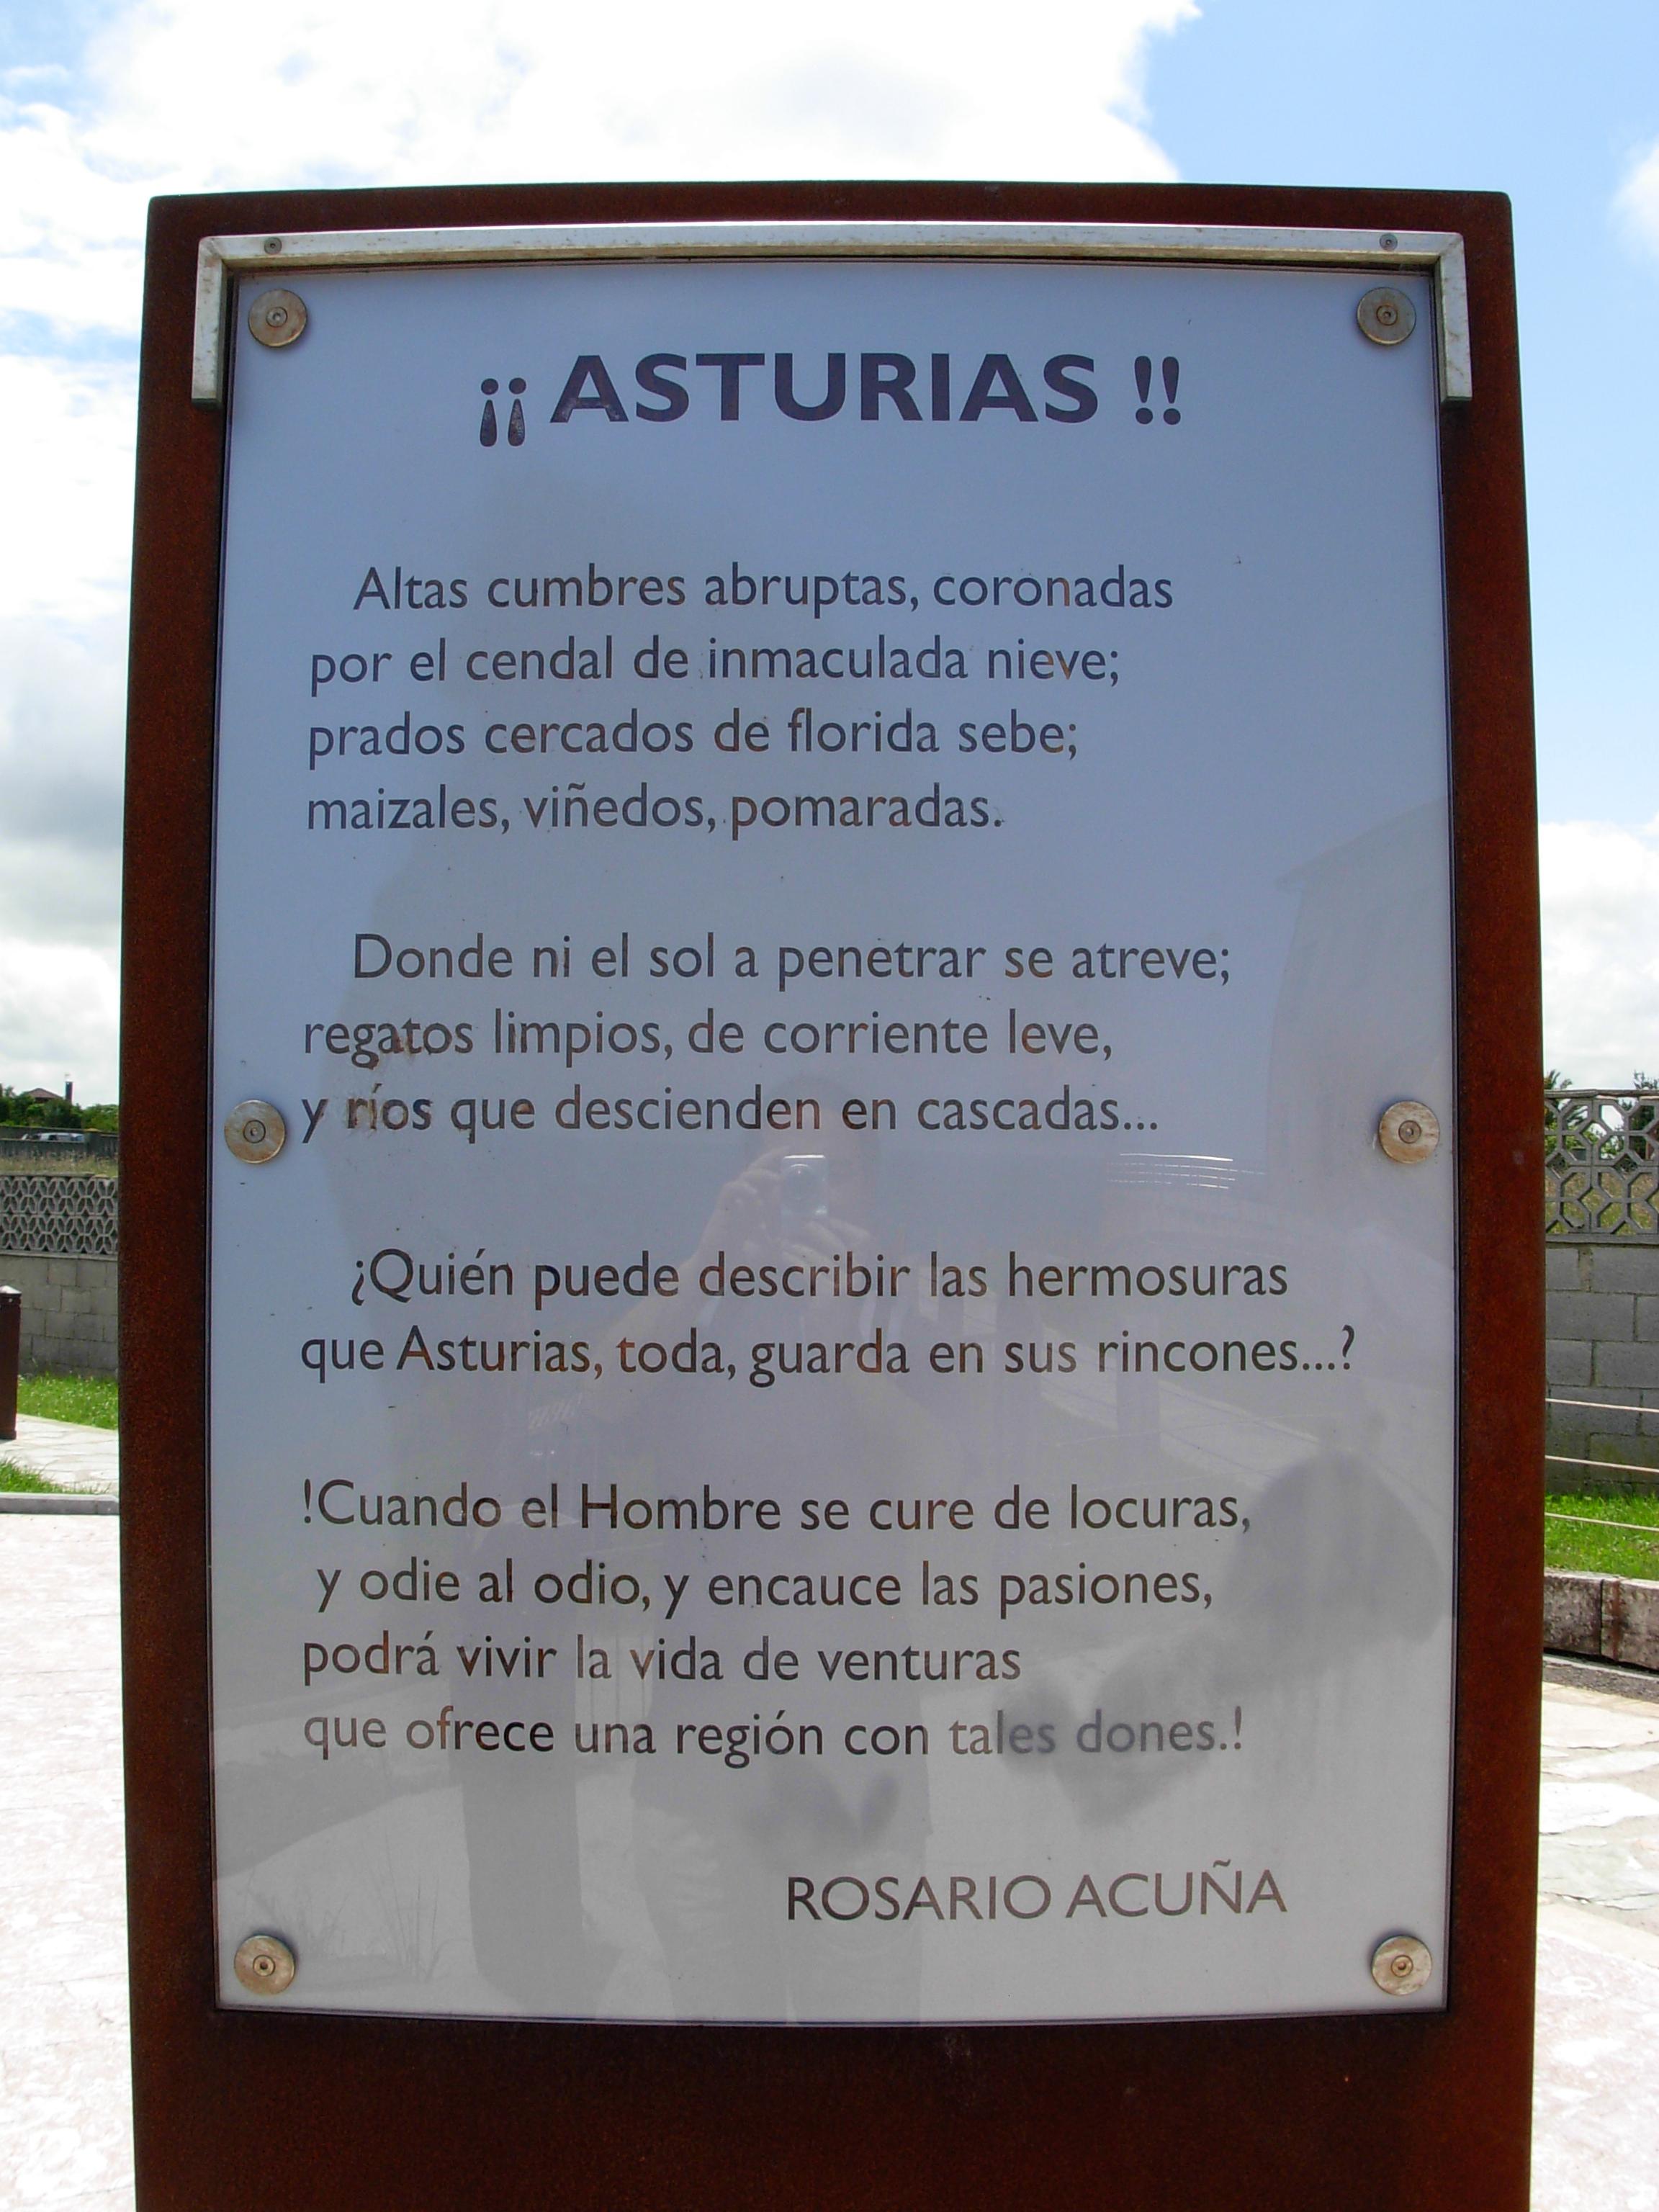 Foto playa Cagonera y Serín. Â¡Â¡Asturias!! Rosario Acuña